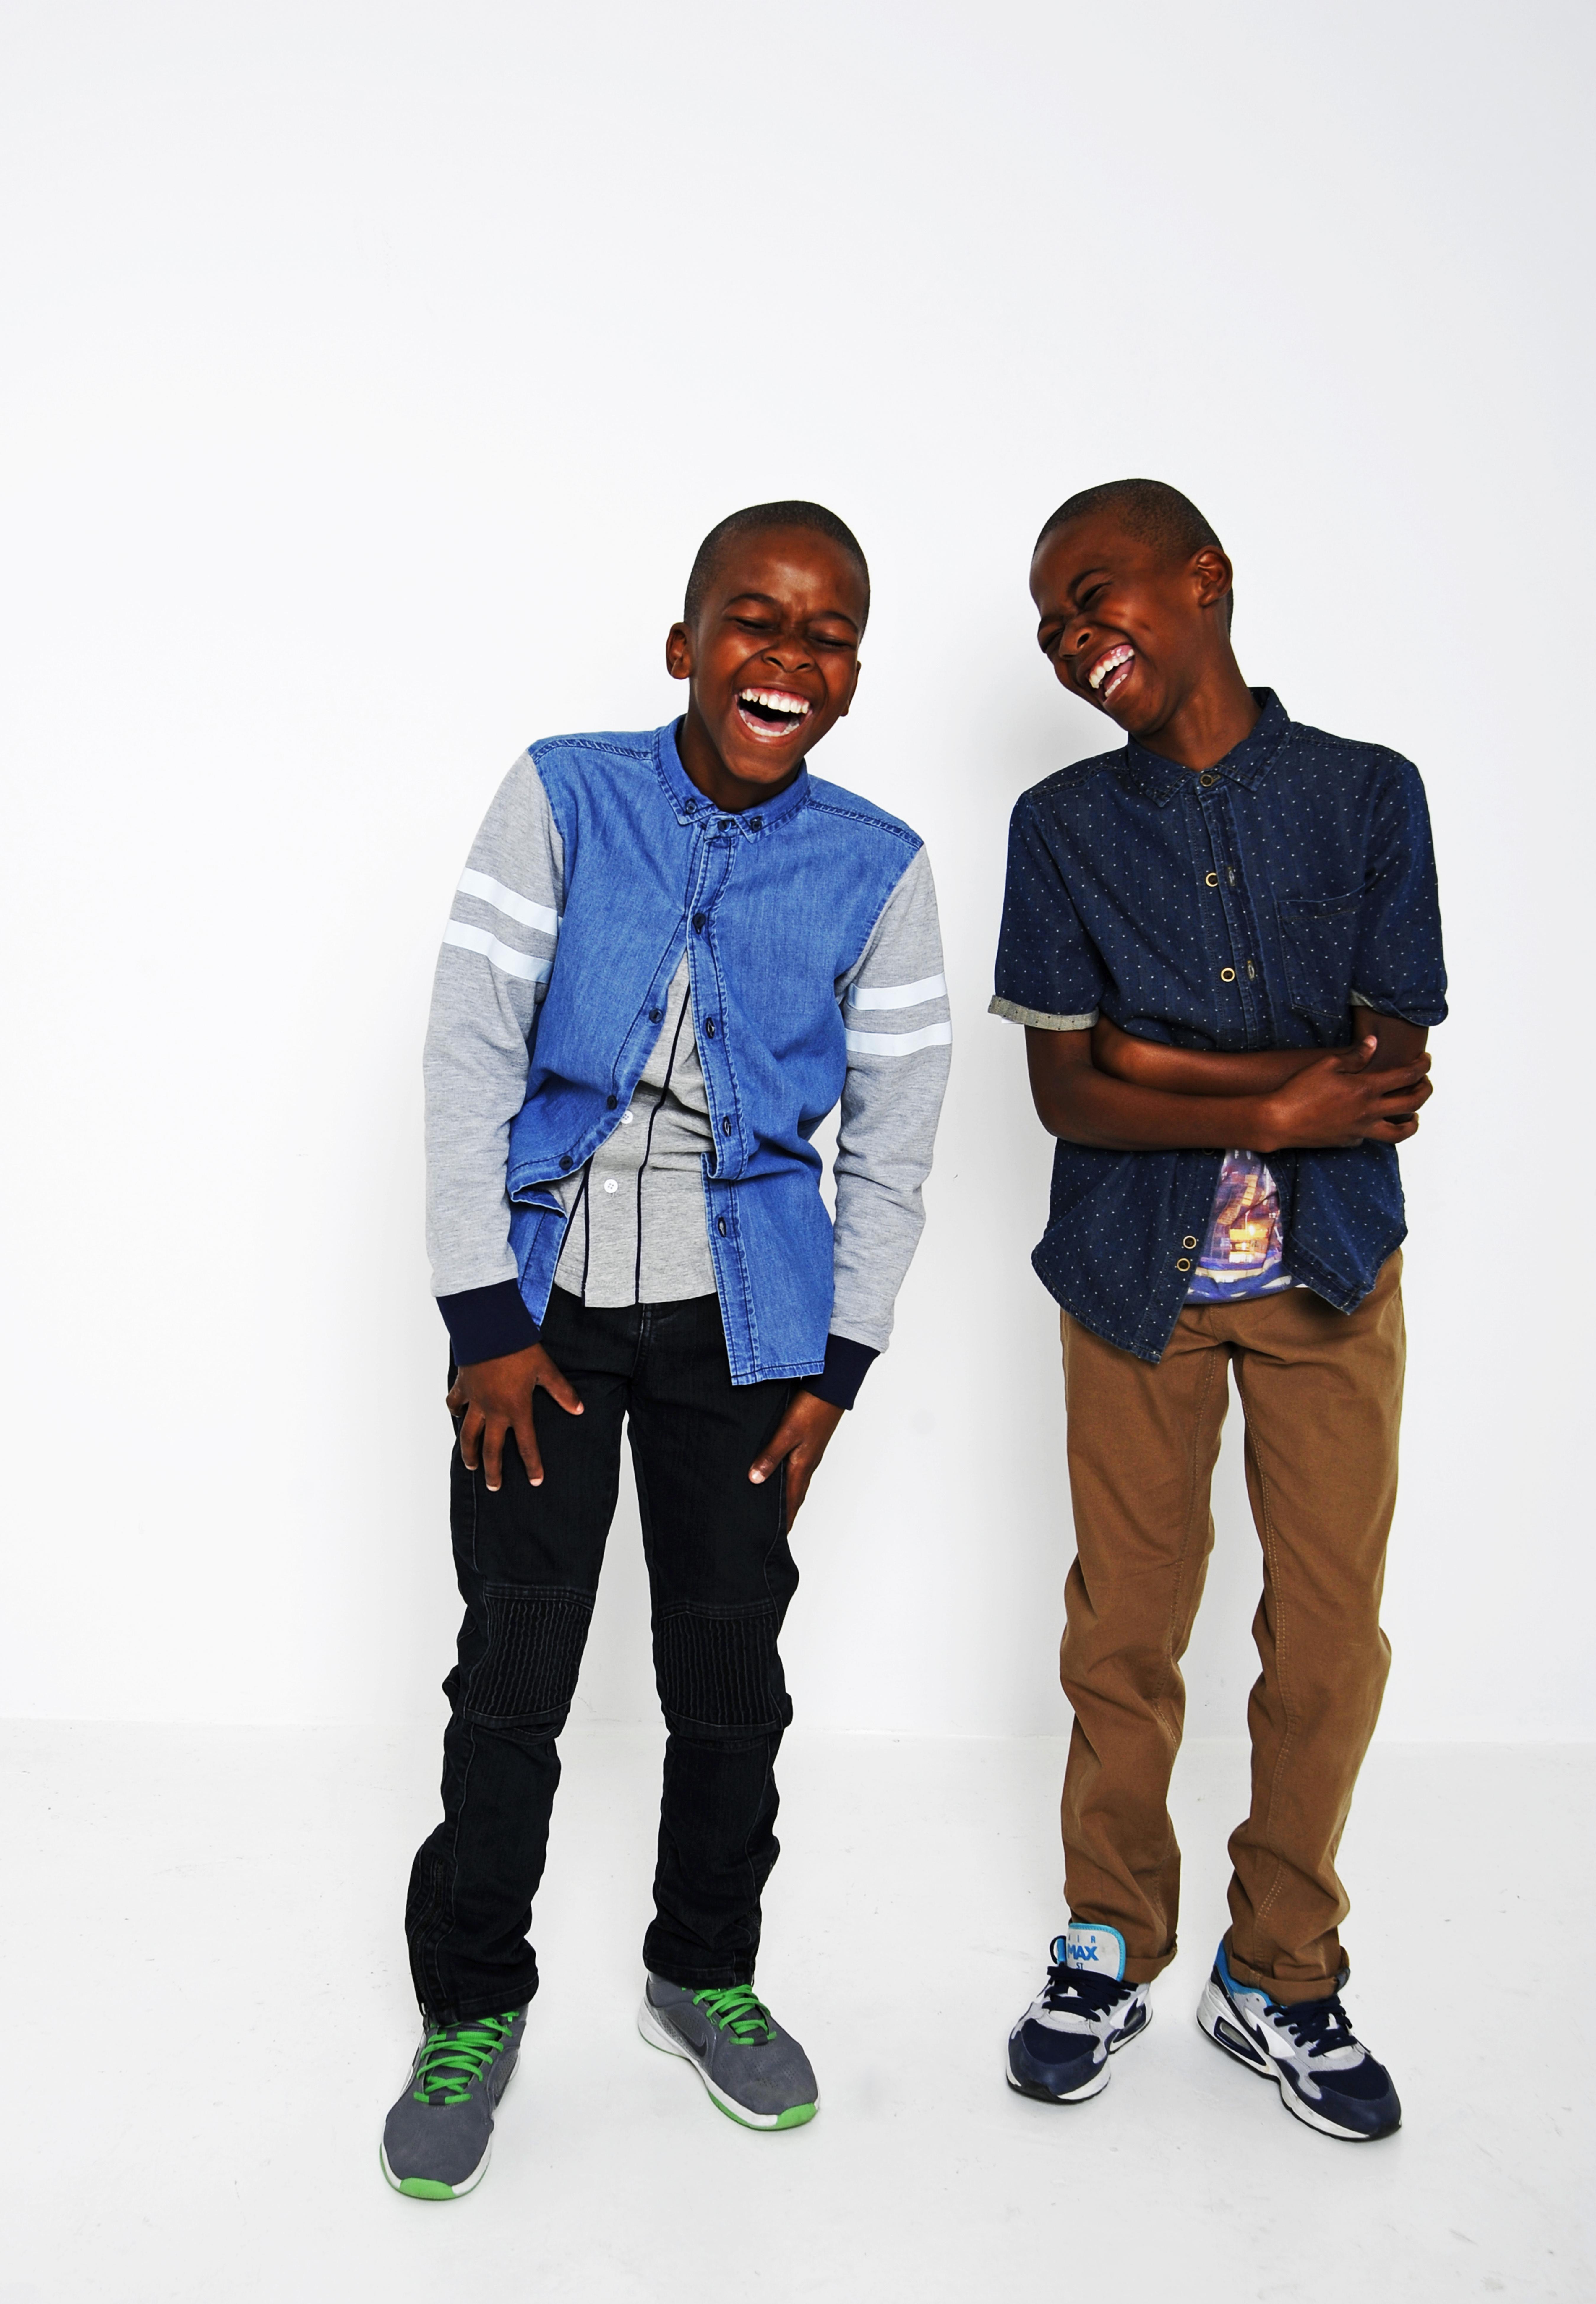 Twins - Kids 2000_27.jpg